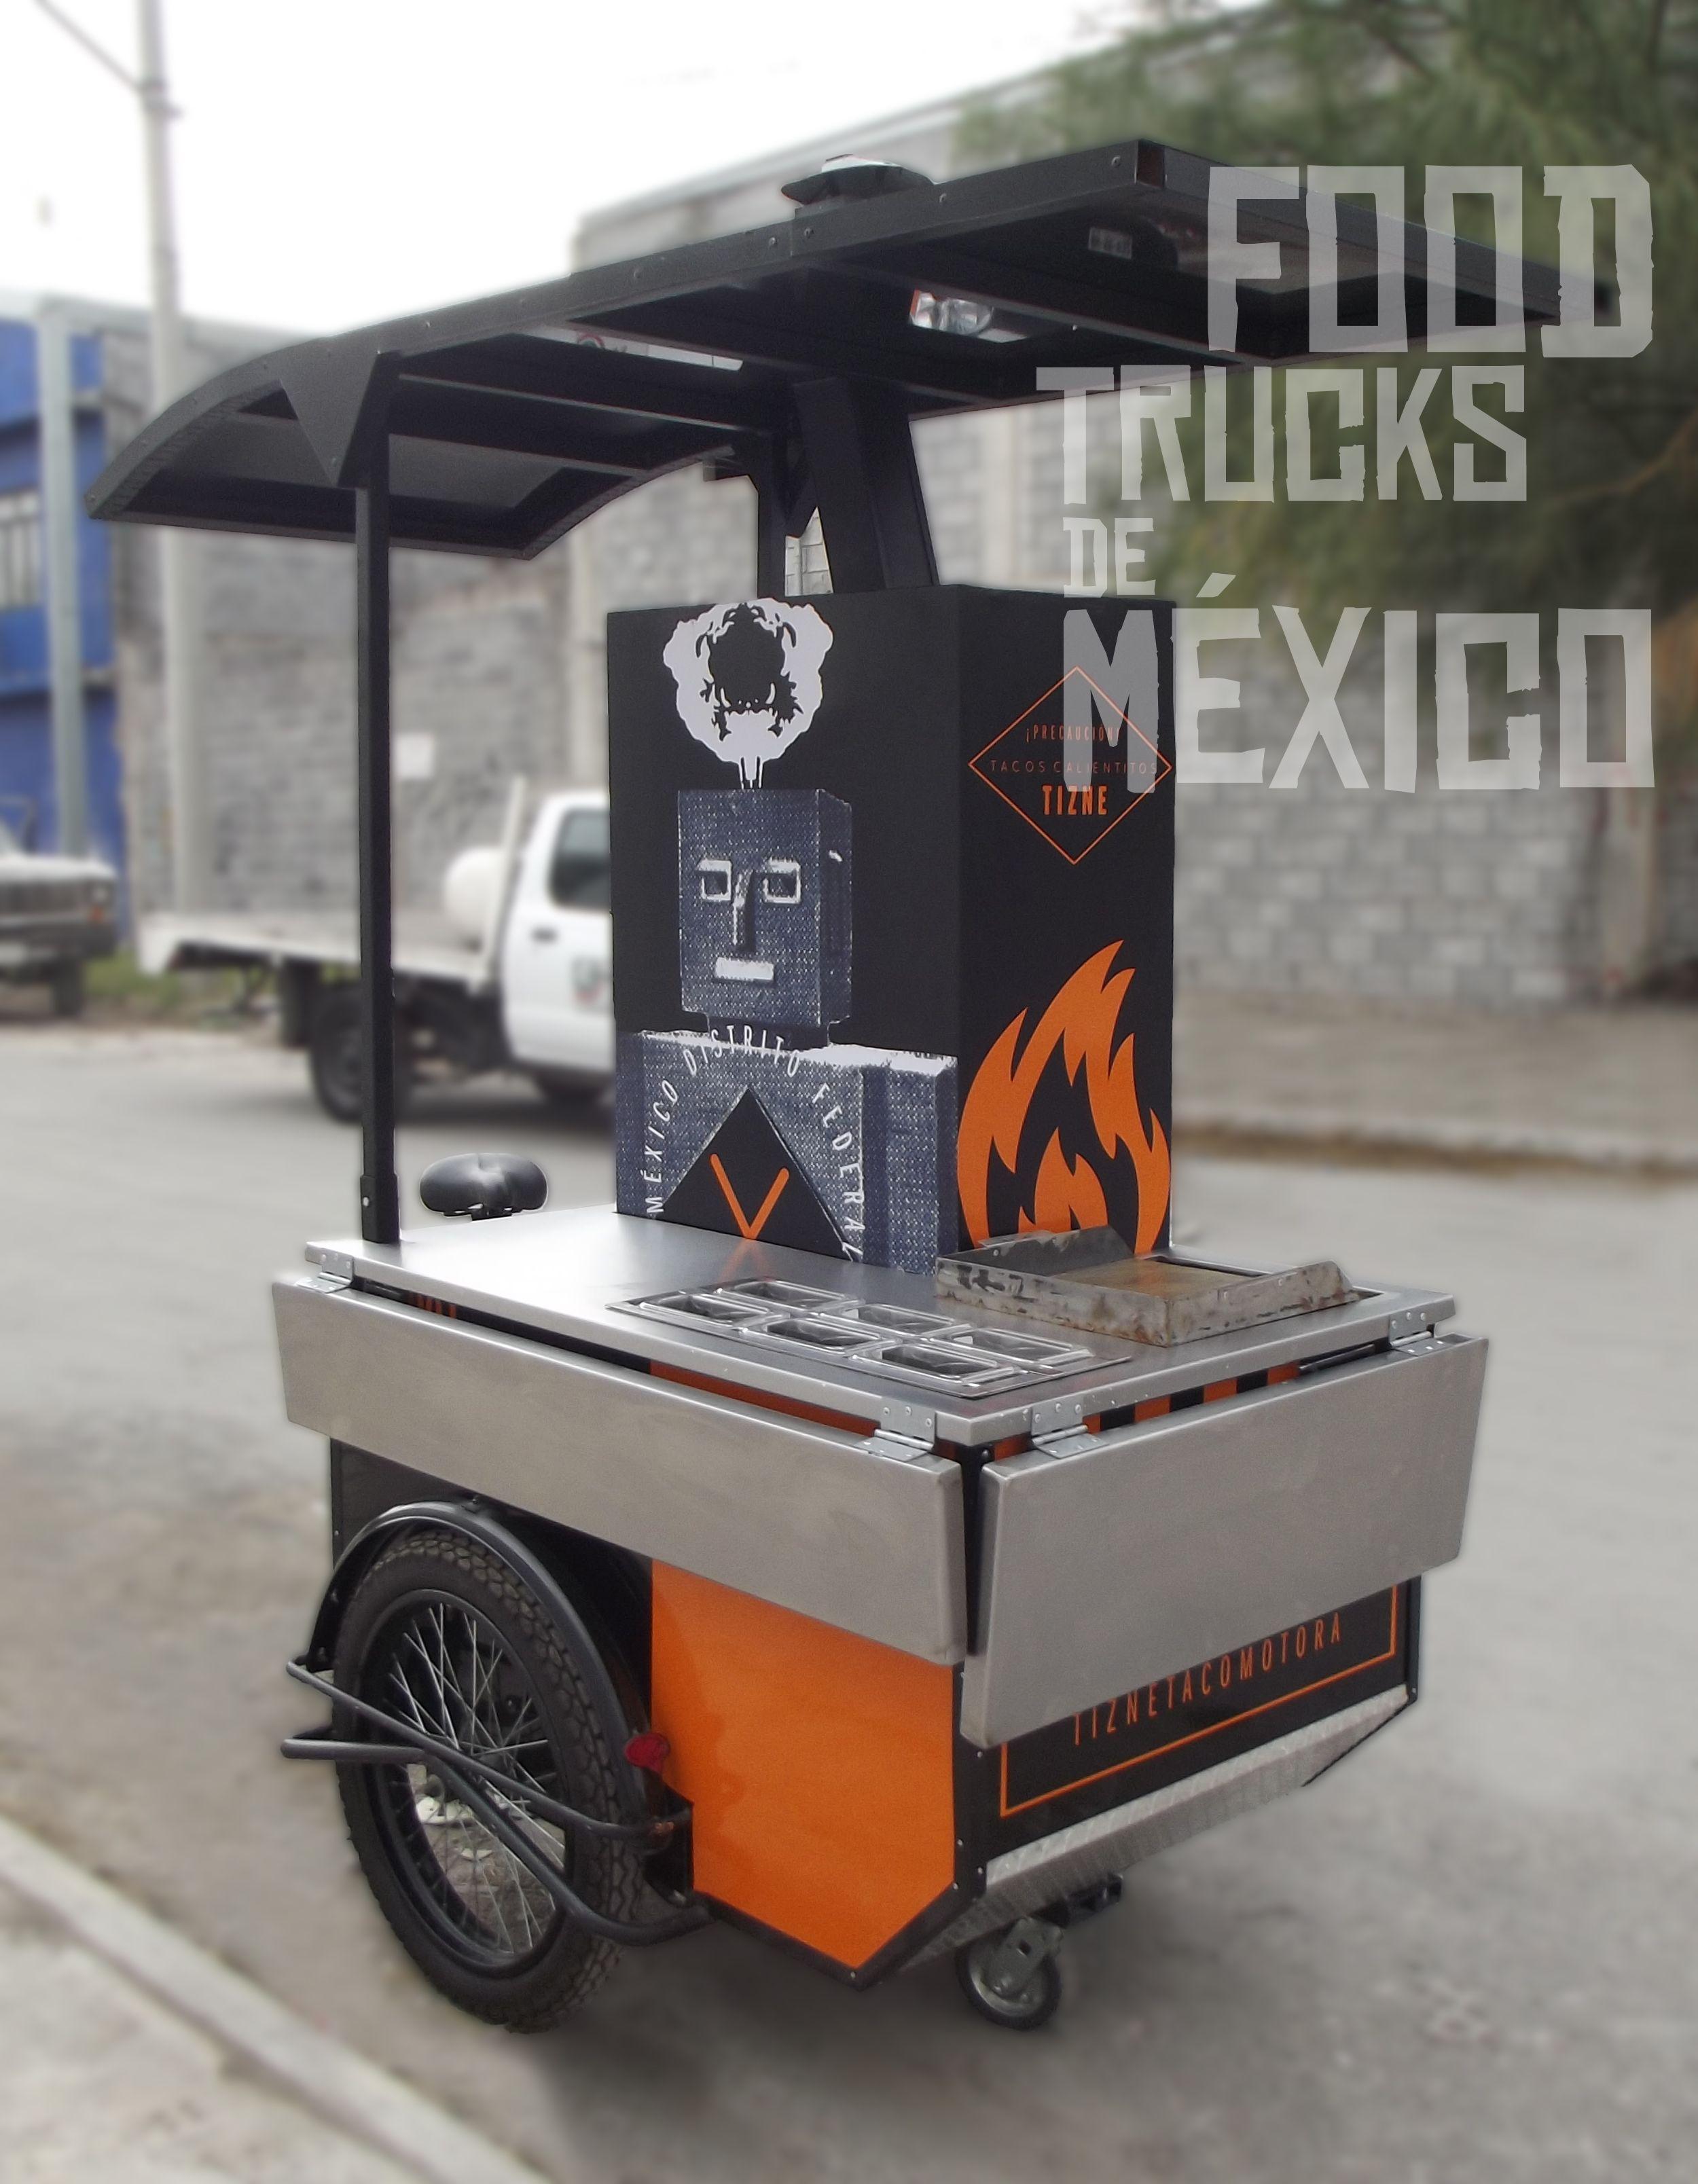 køb en food truck